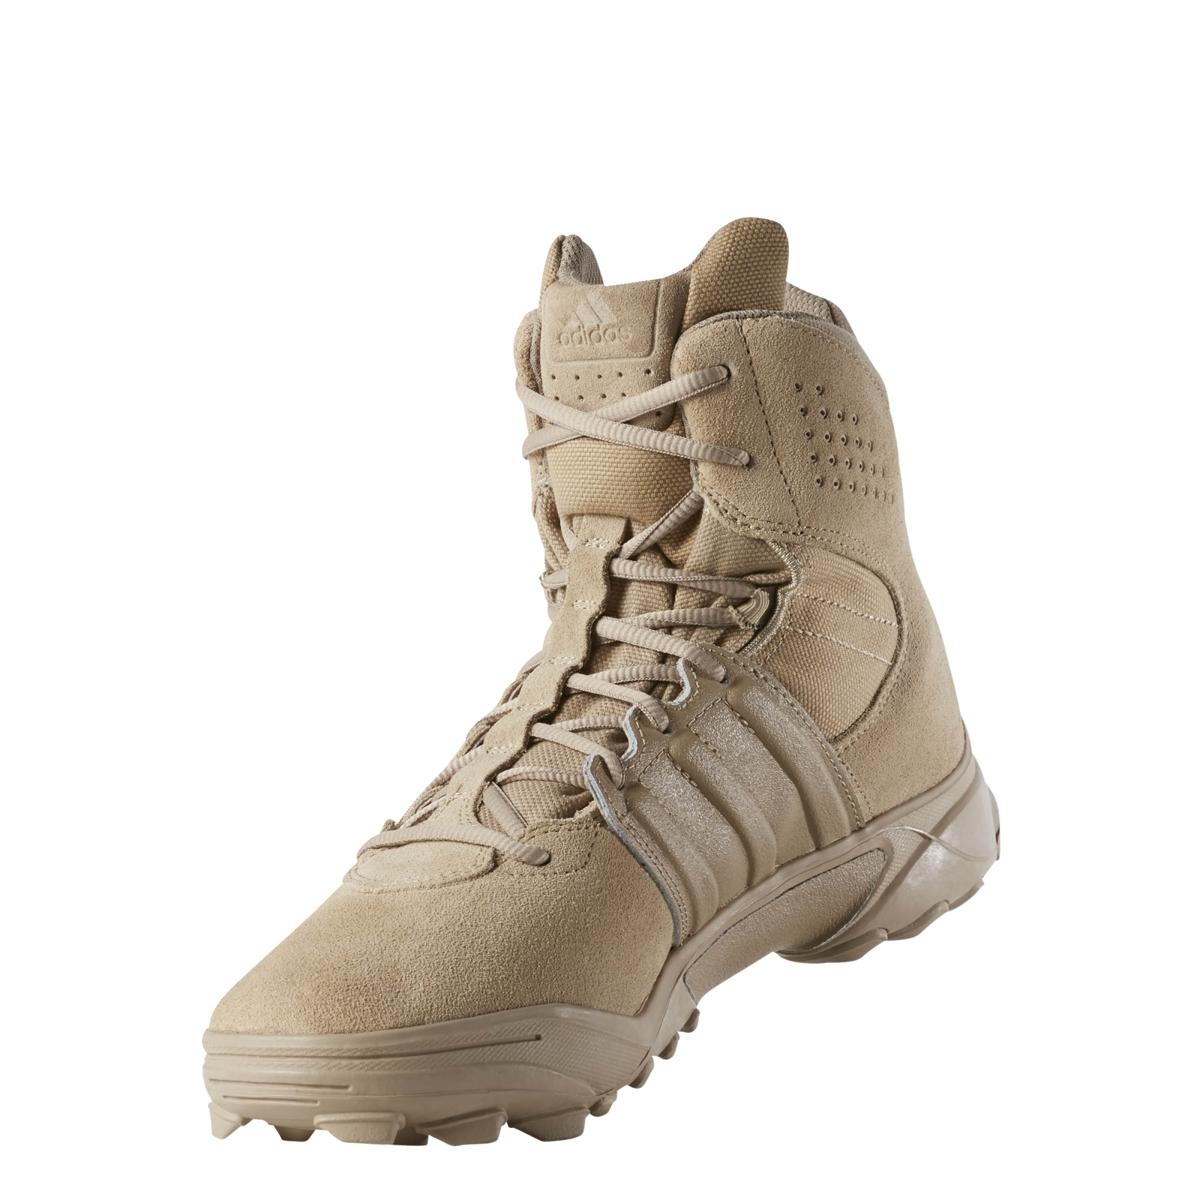 17b6c52994337 buty taktyczne adidas online|Darmowa dostawa!